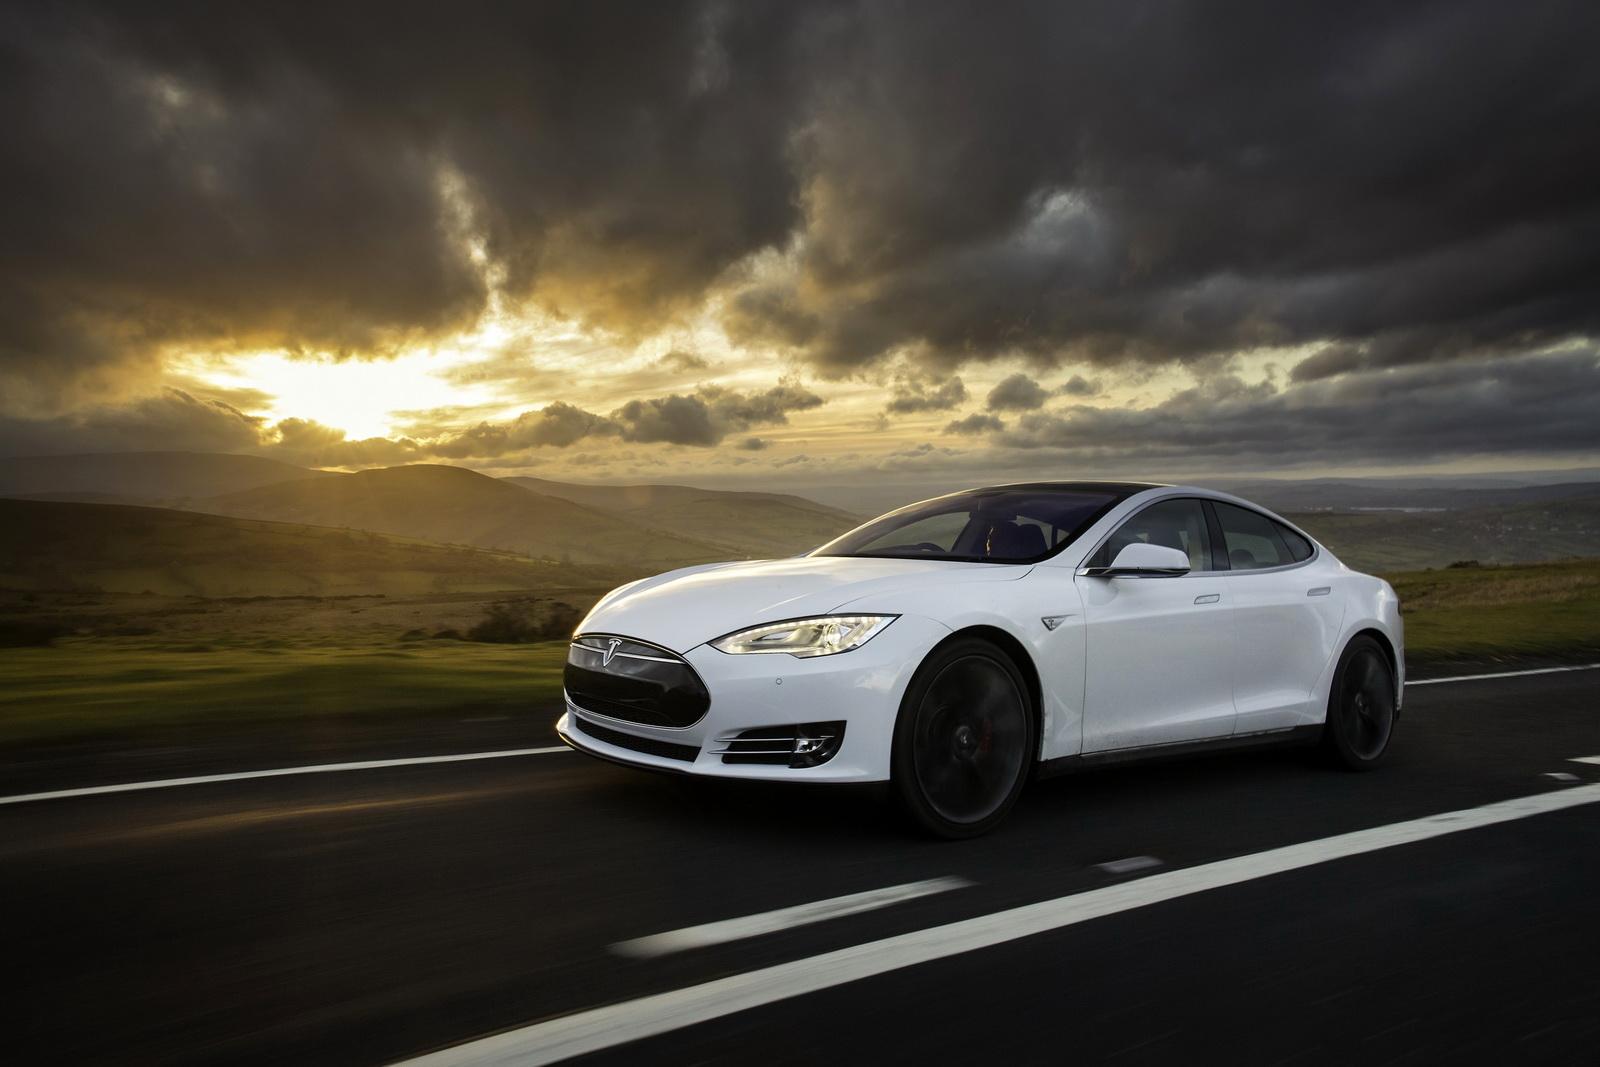 Giá của những chiếc Tesla rất cao so với mặt bằng chung